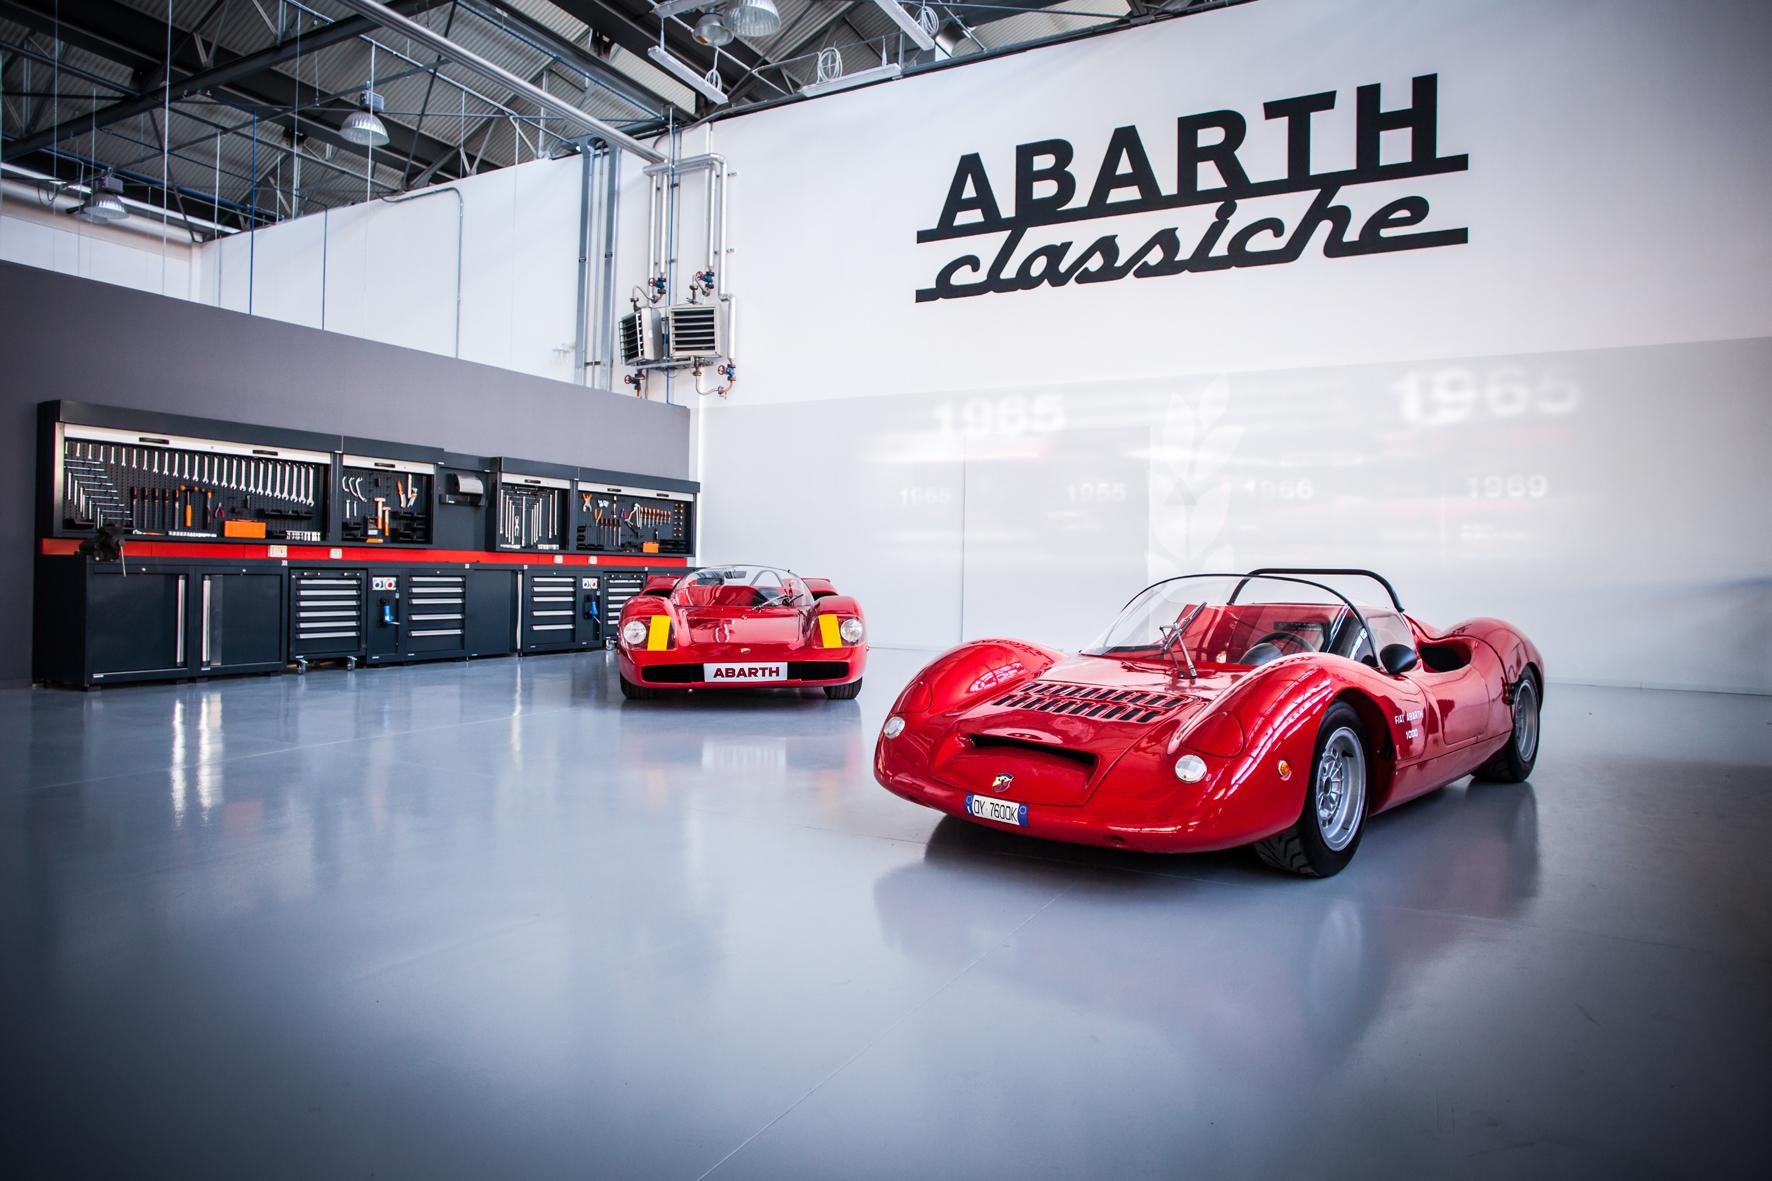 mid Turin - Im Turiner Stadtteil Mirafiori hat Fiat jetzt den Abarth Classiche eröffnet. Hier werden künftig historische Serien- und Rennfahrzeugen der Marke mit der größtmöglichen Originaltreue restauriert.